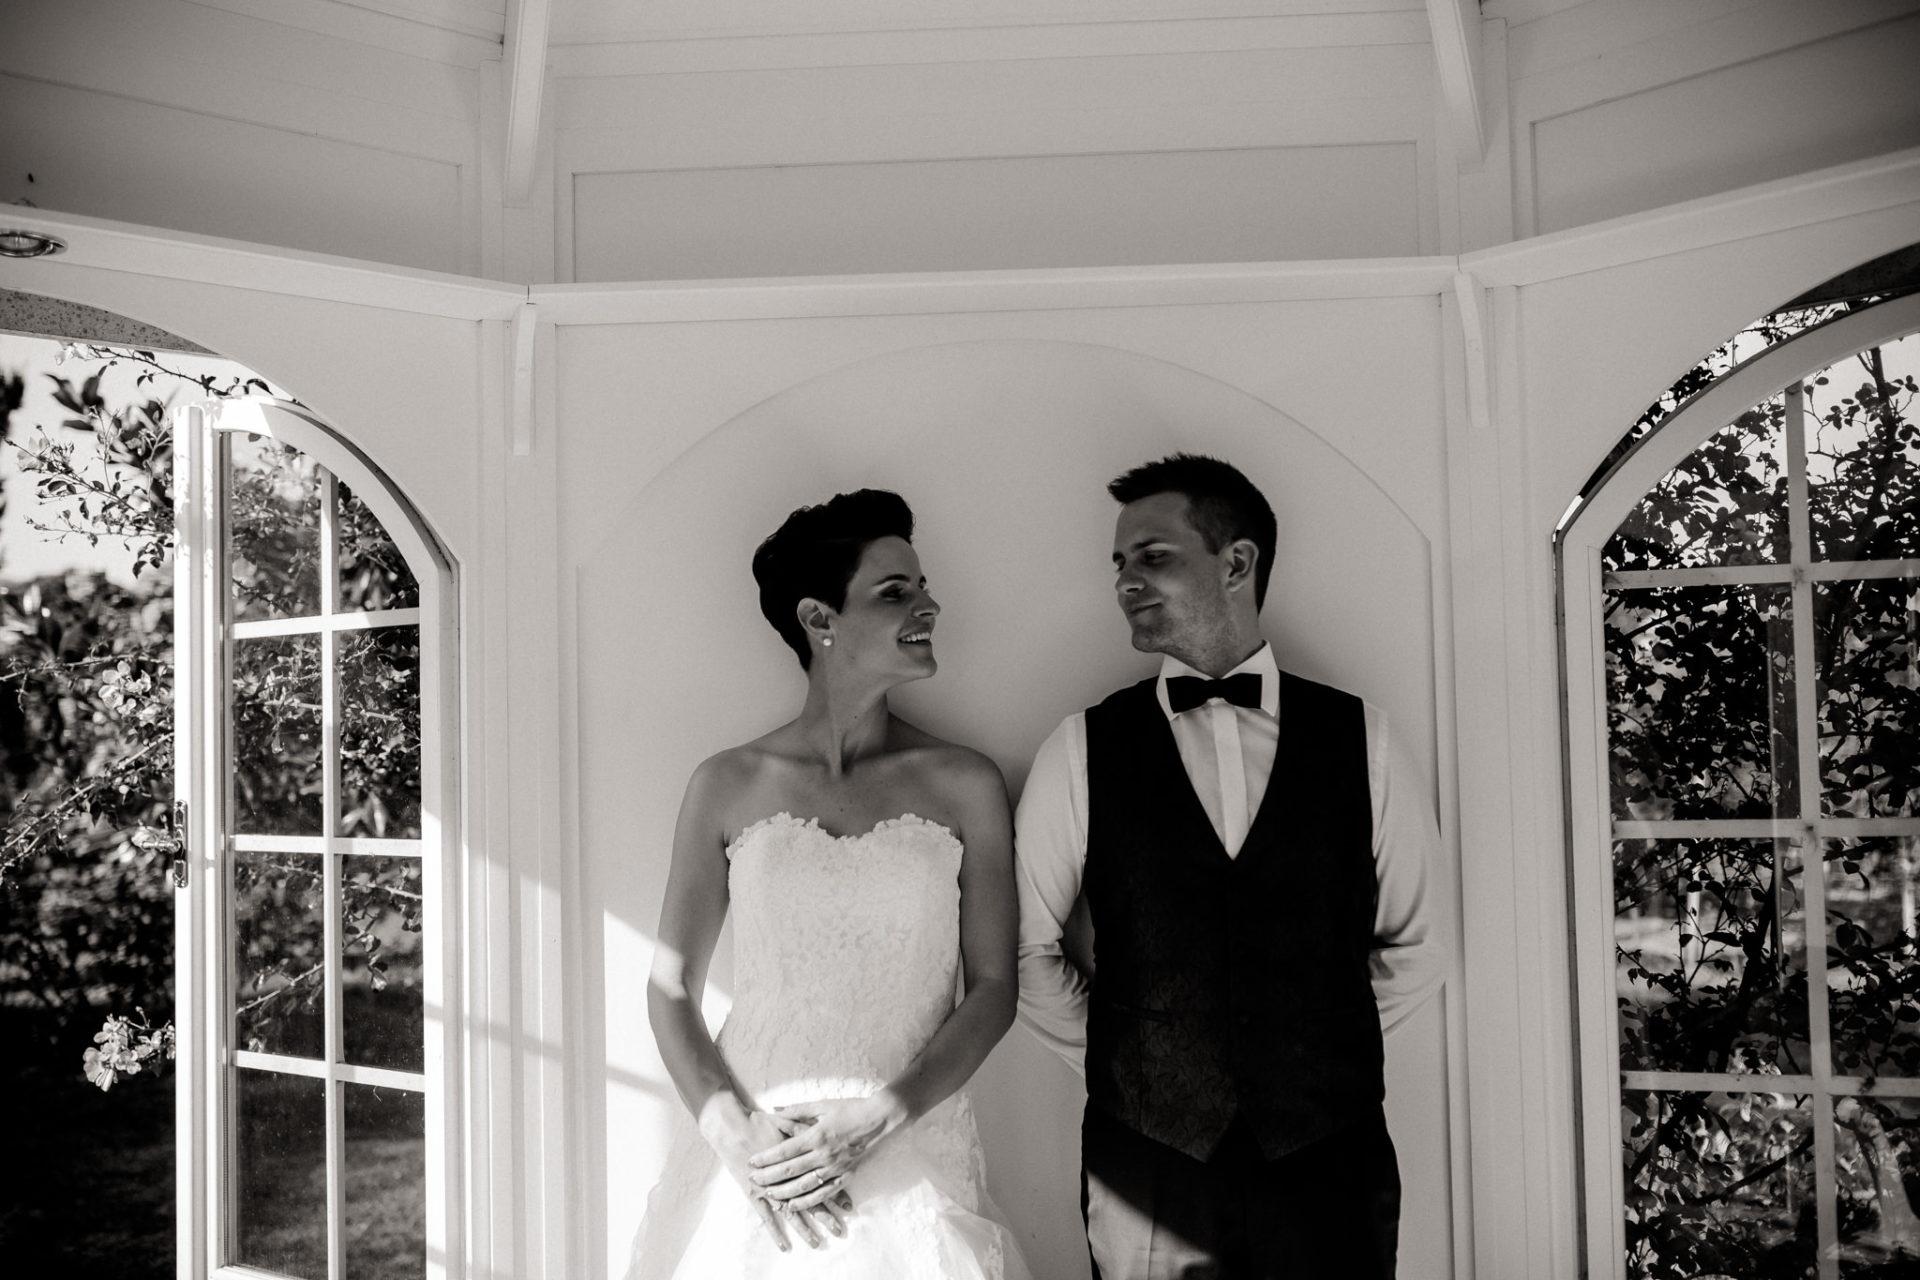 Weingut Fitz Ritter Hochzeitsfotograf-heiraten Pfalz-Sommerhochzeit Pavilion